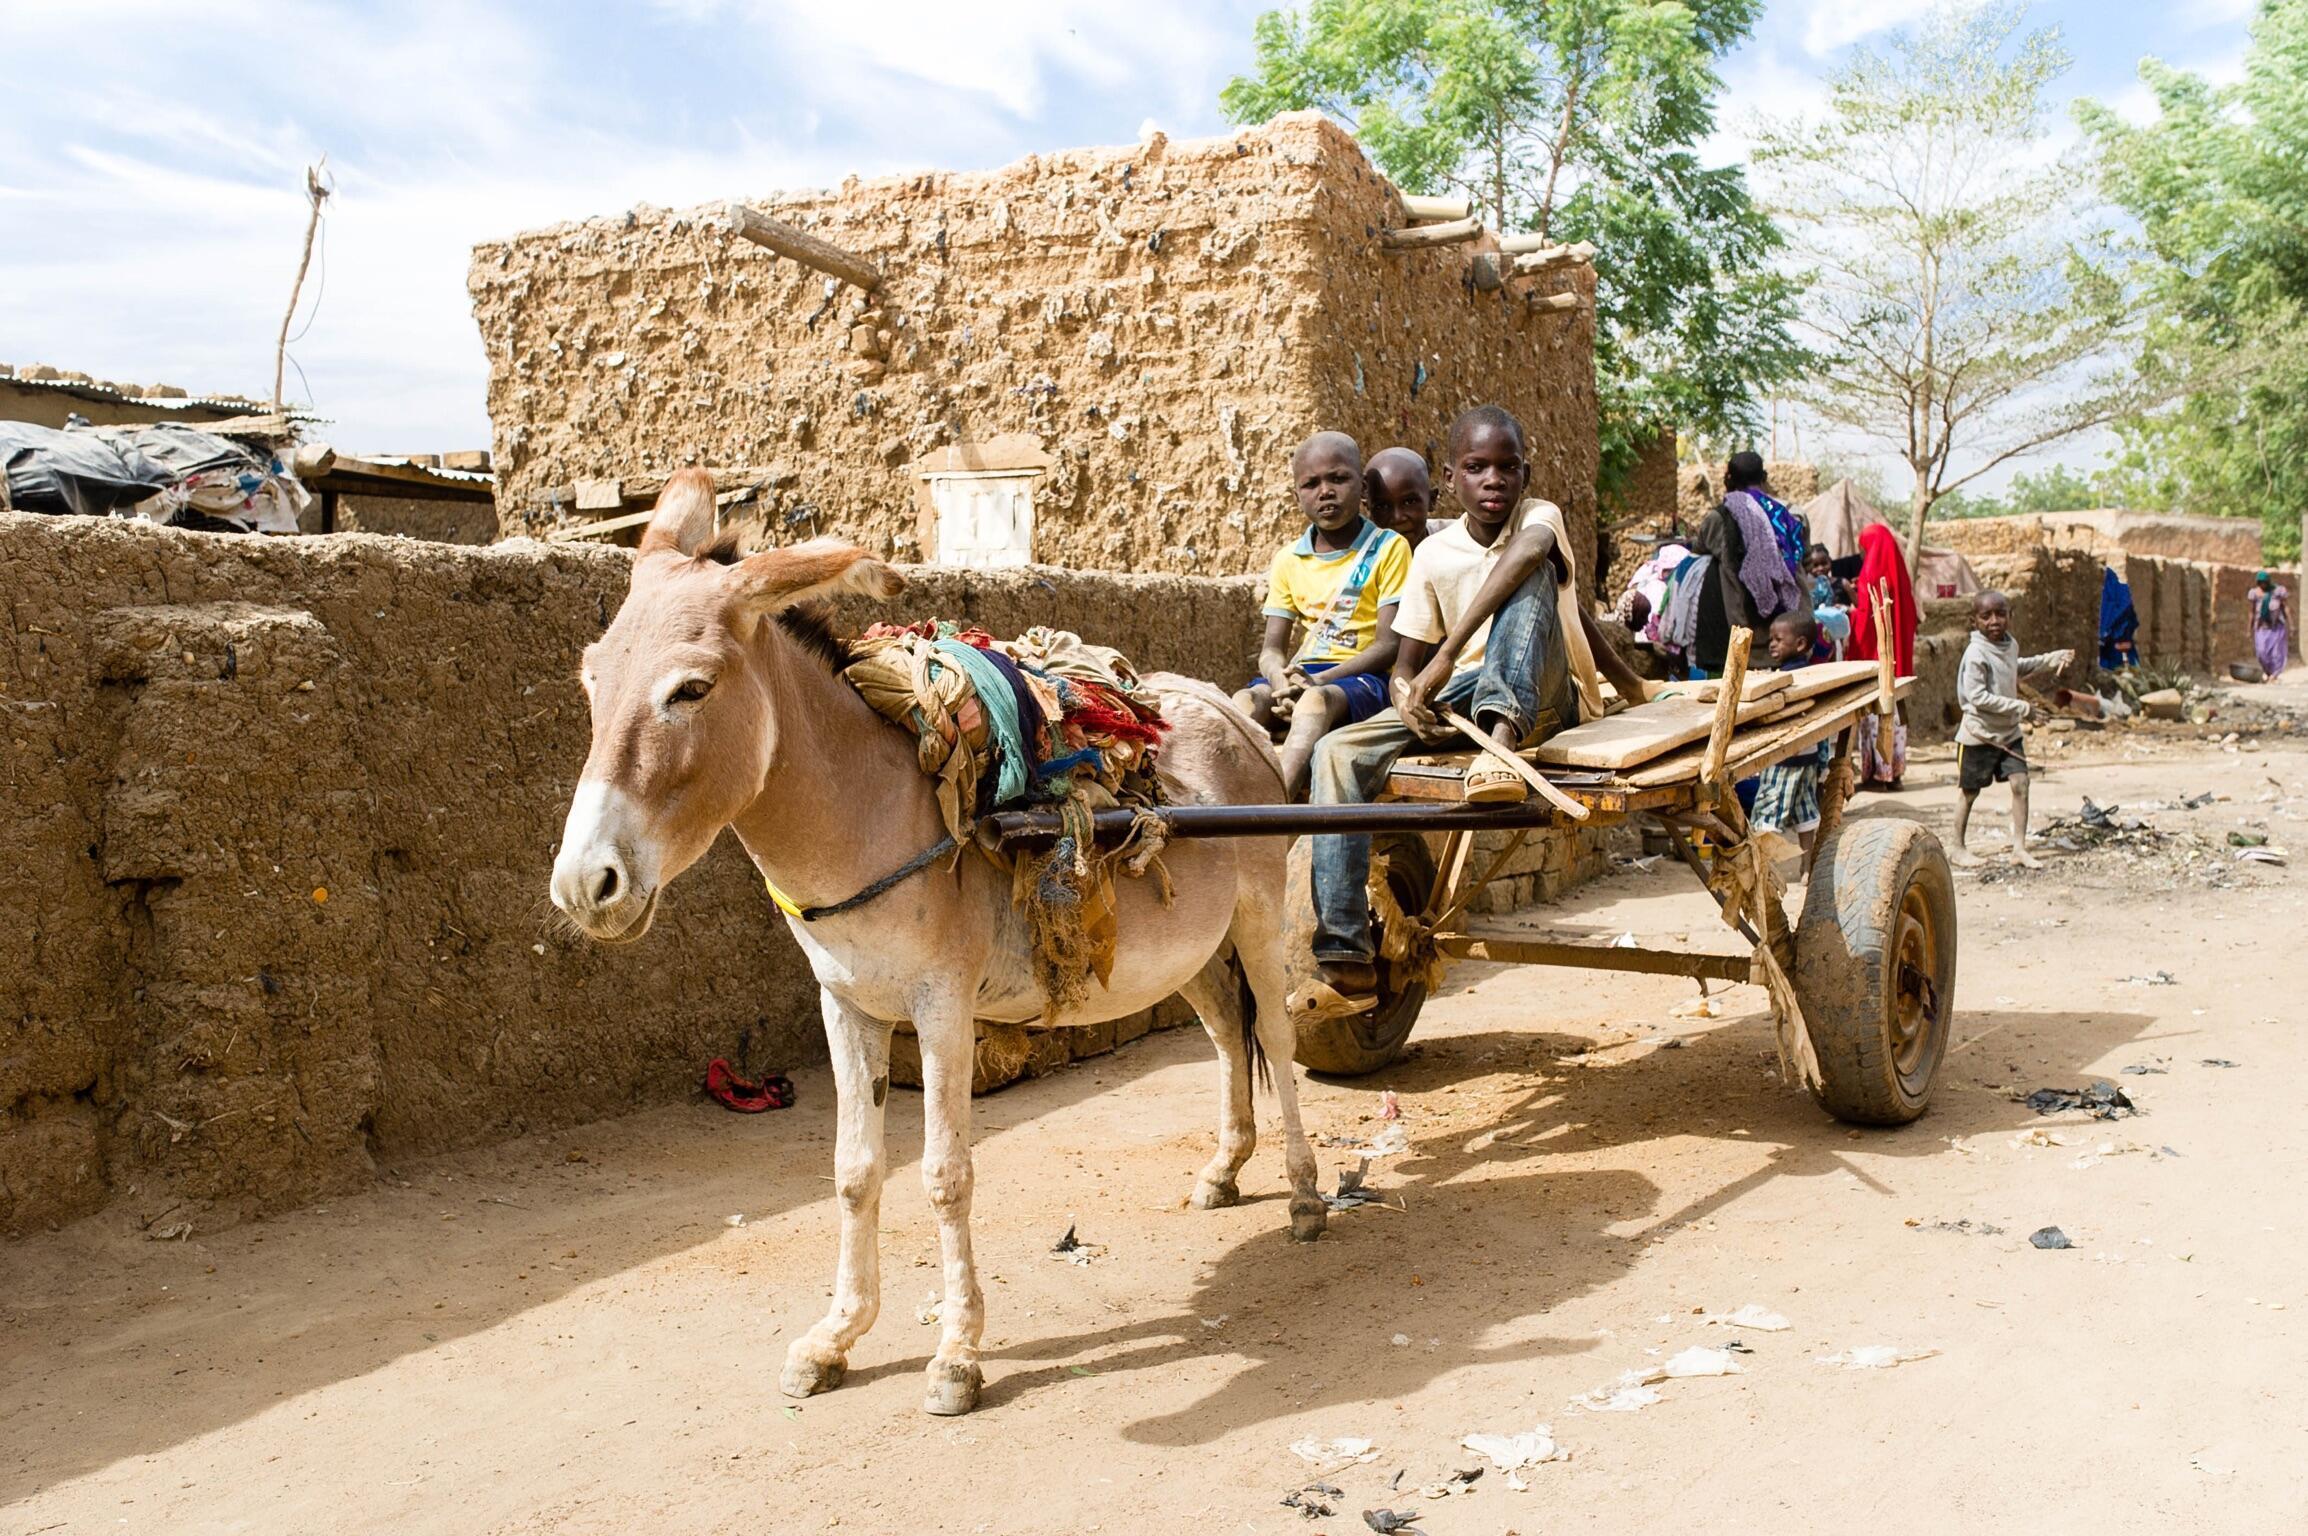 Au marché de Niamey, les asins ne font plus partie du bétail.